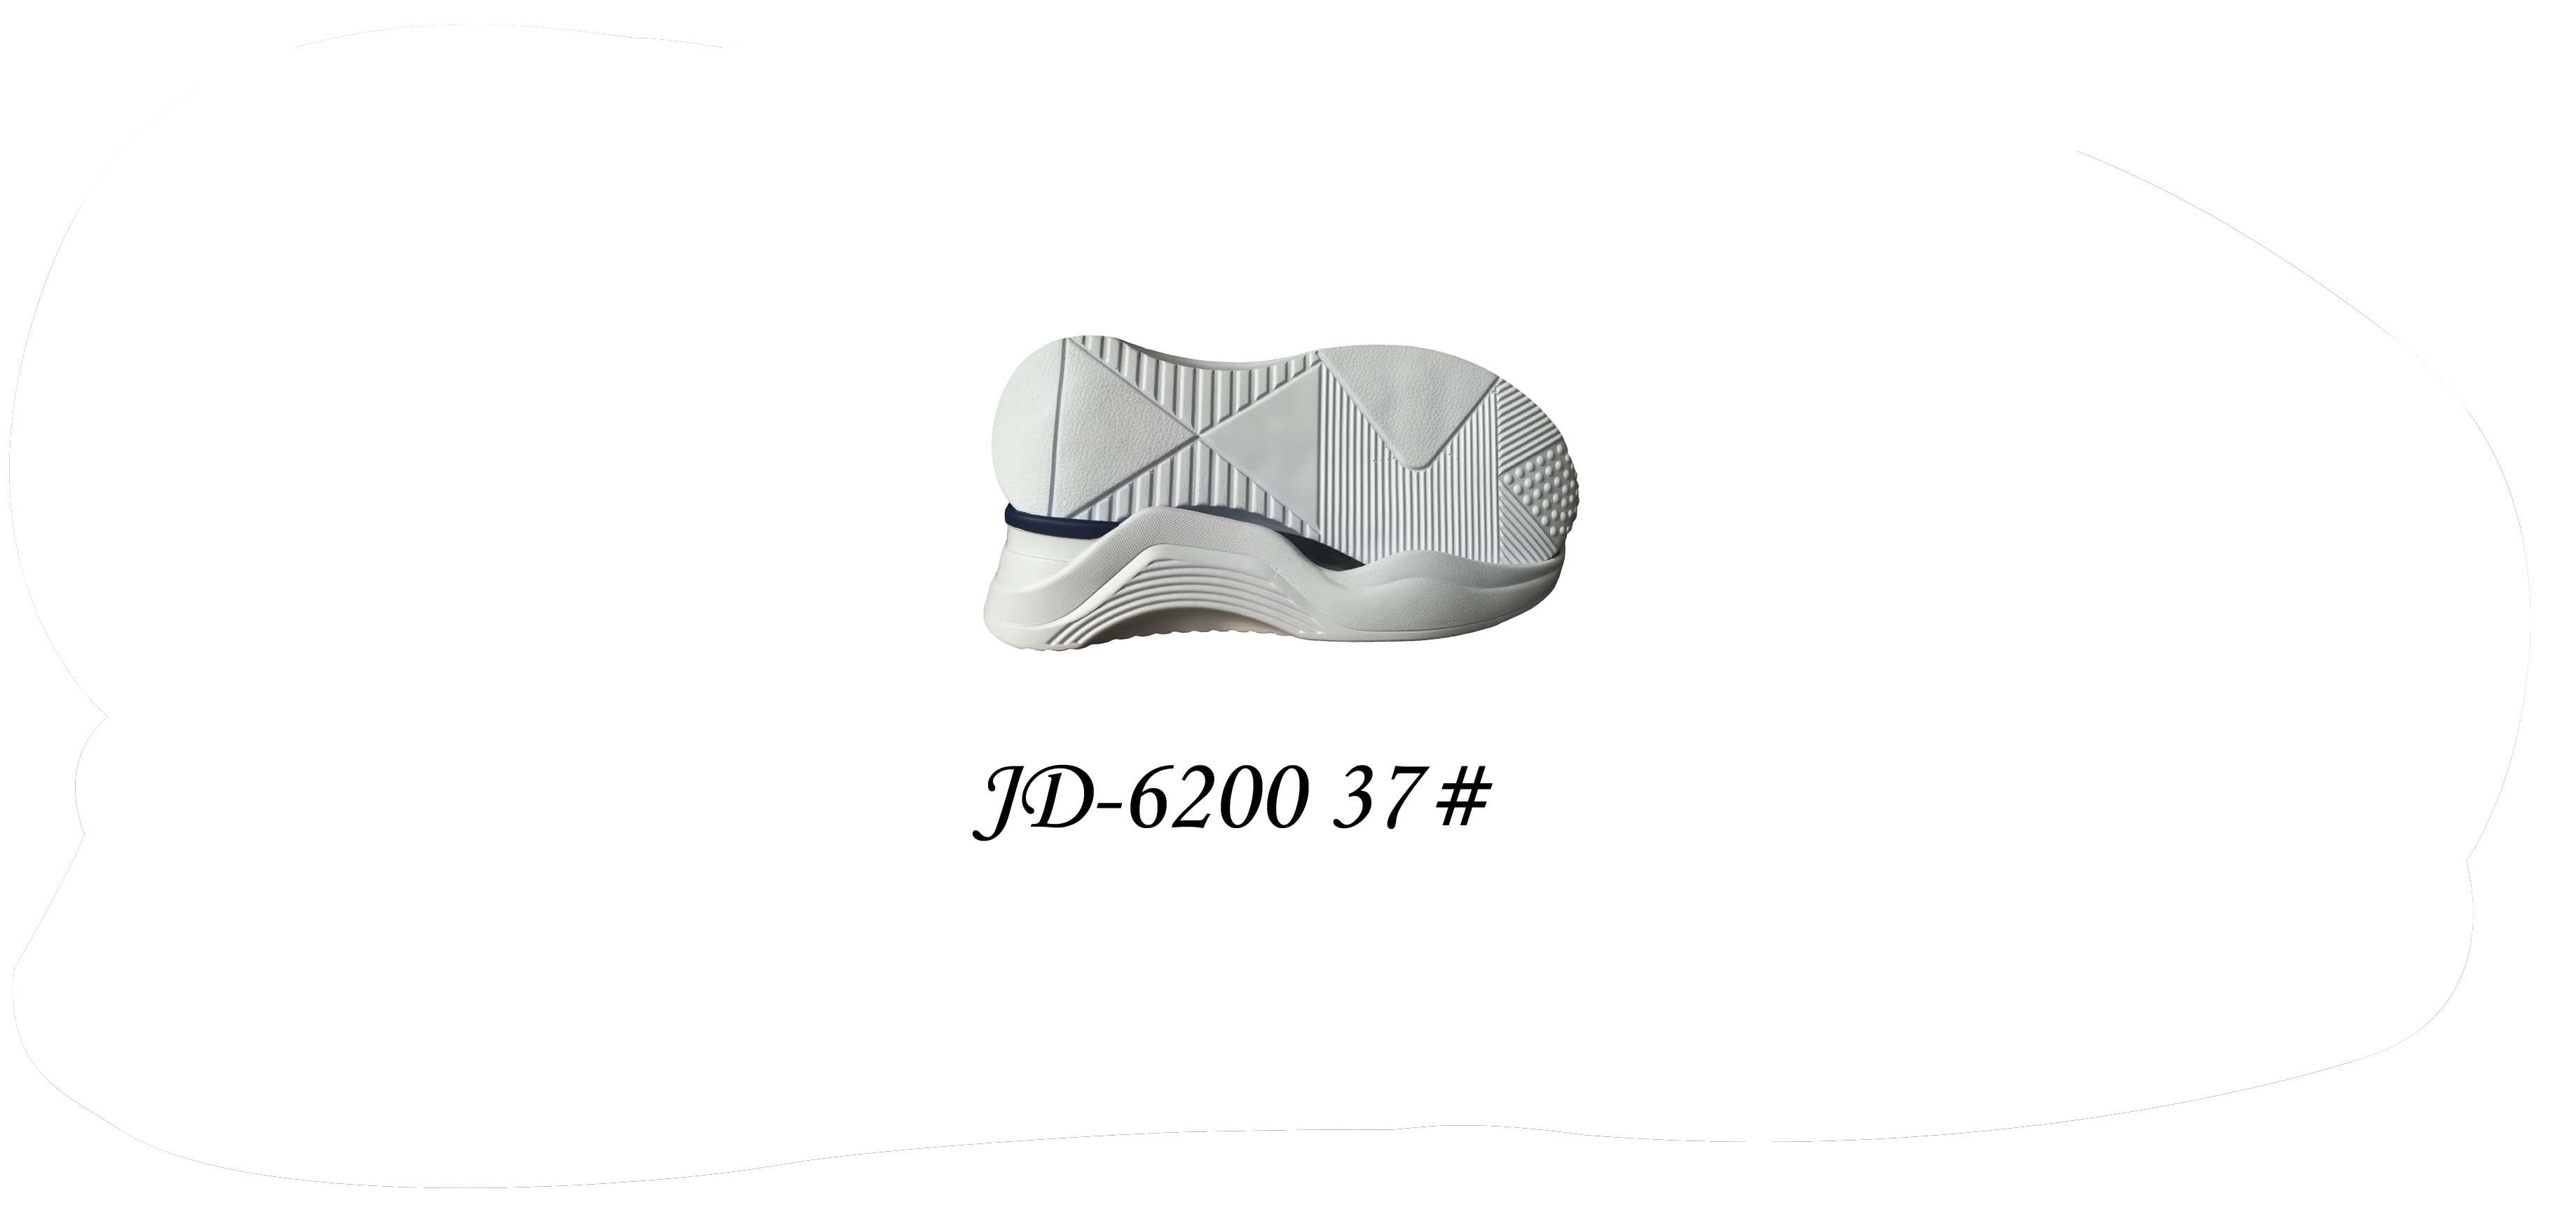 鞋底 PU 女段 休闲鞋 三色 双色 37 一体 JD-6200